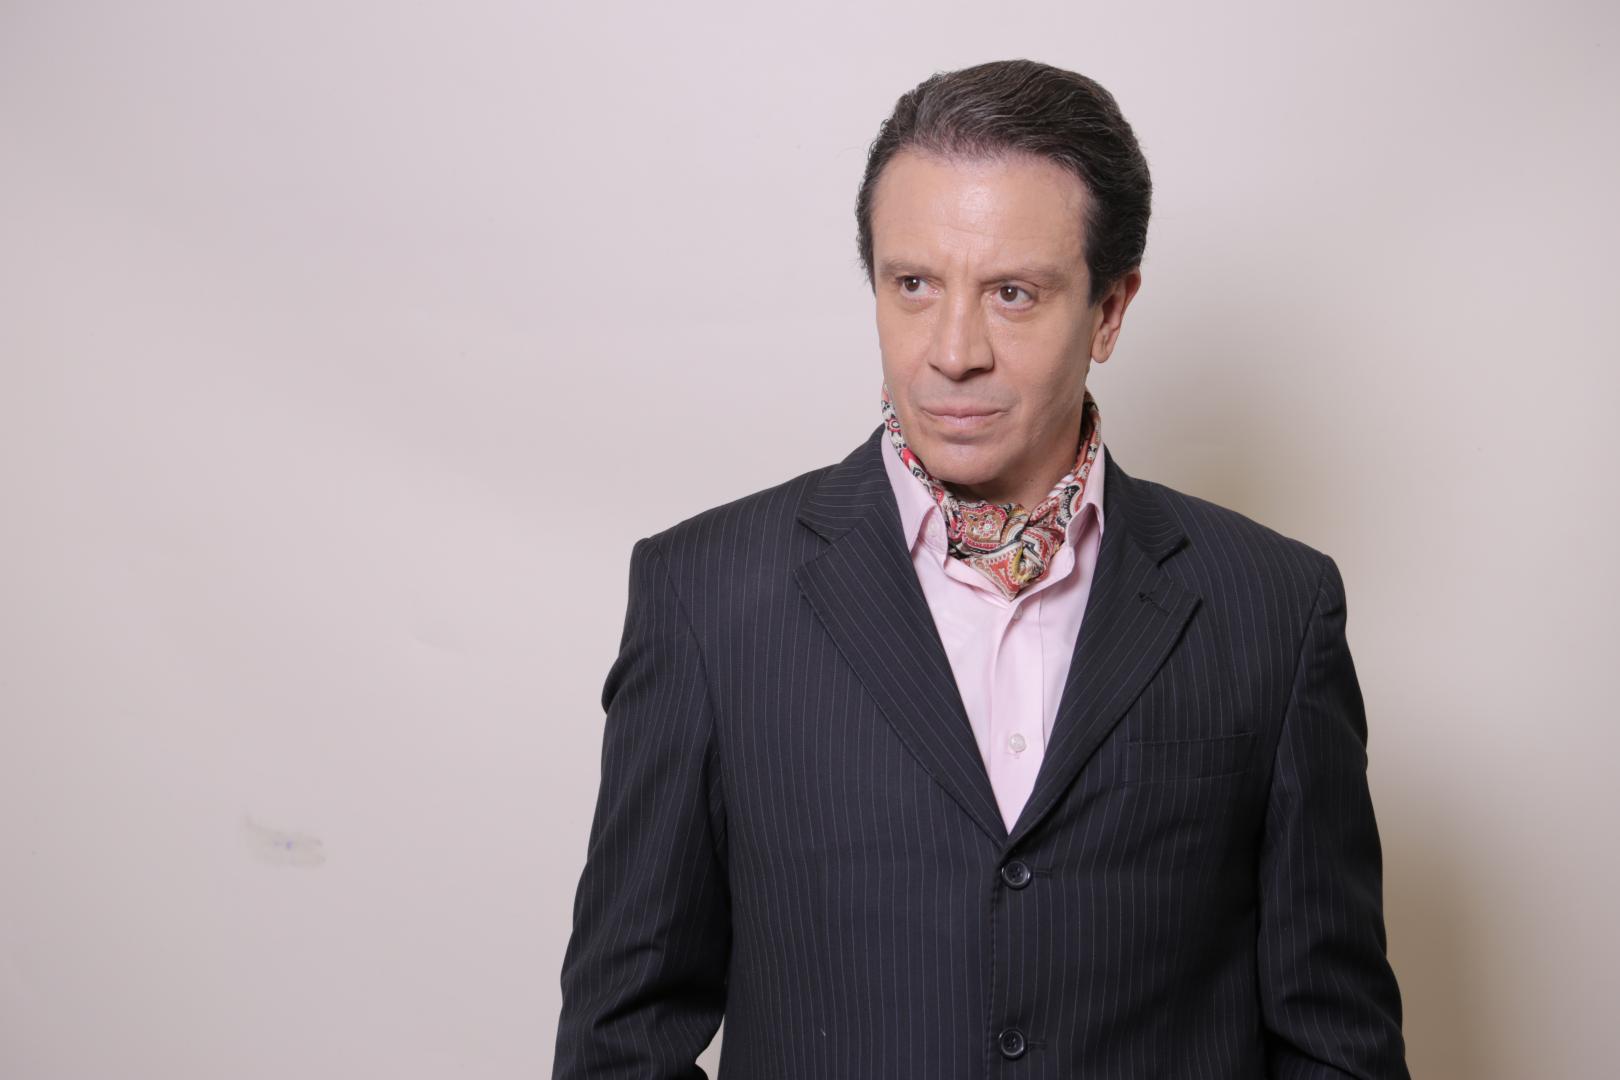 Concorrendo ao Prêmio do Humor, Eduardo Martini revisa carreira antes de estrear drama